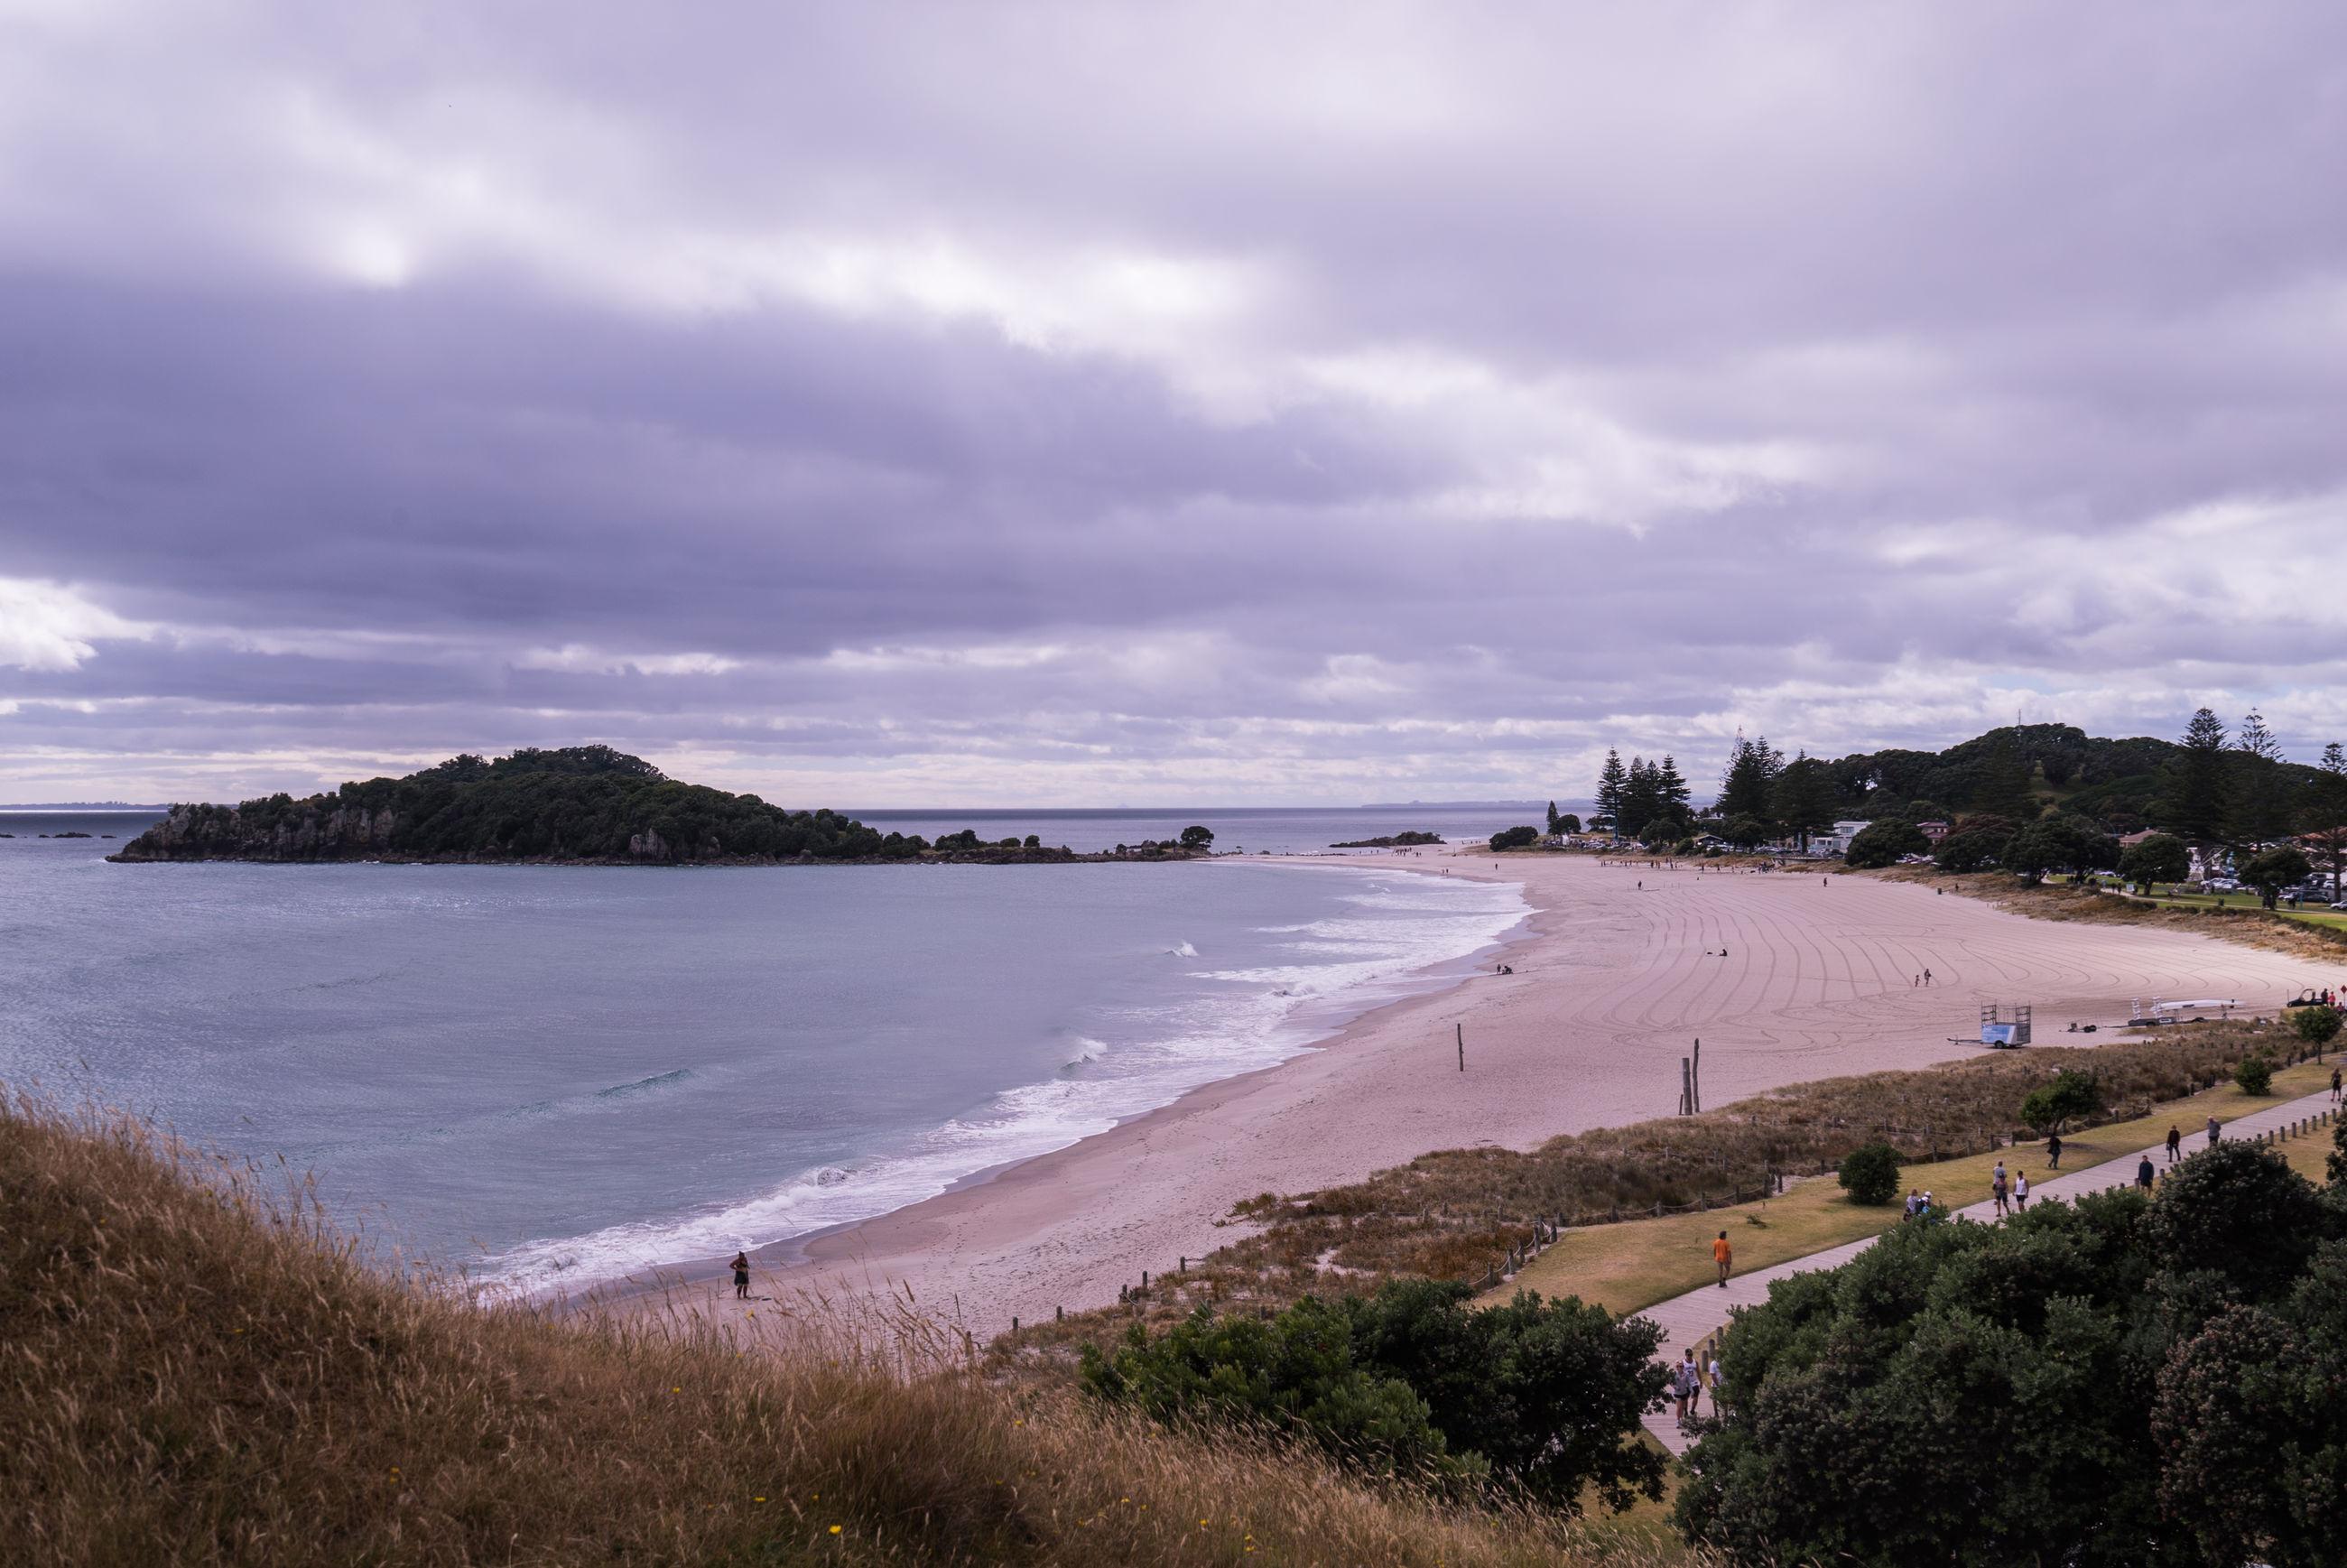 PANORAMIC VIEW OF BEACH